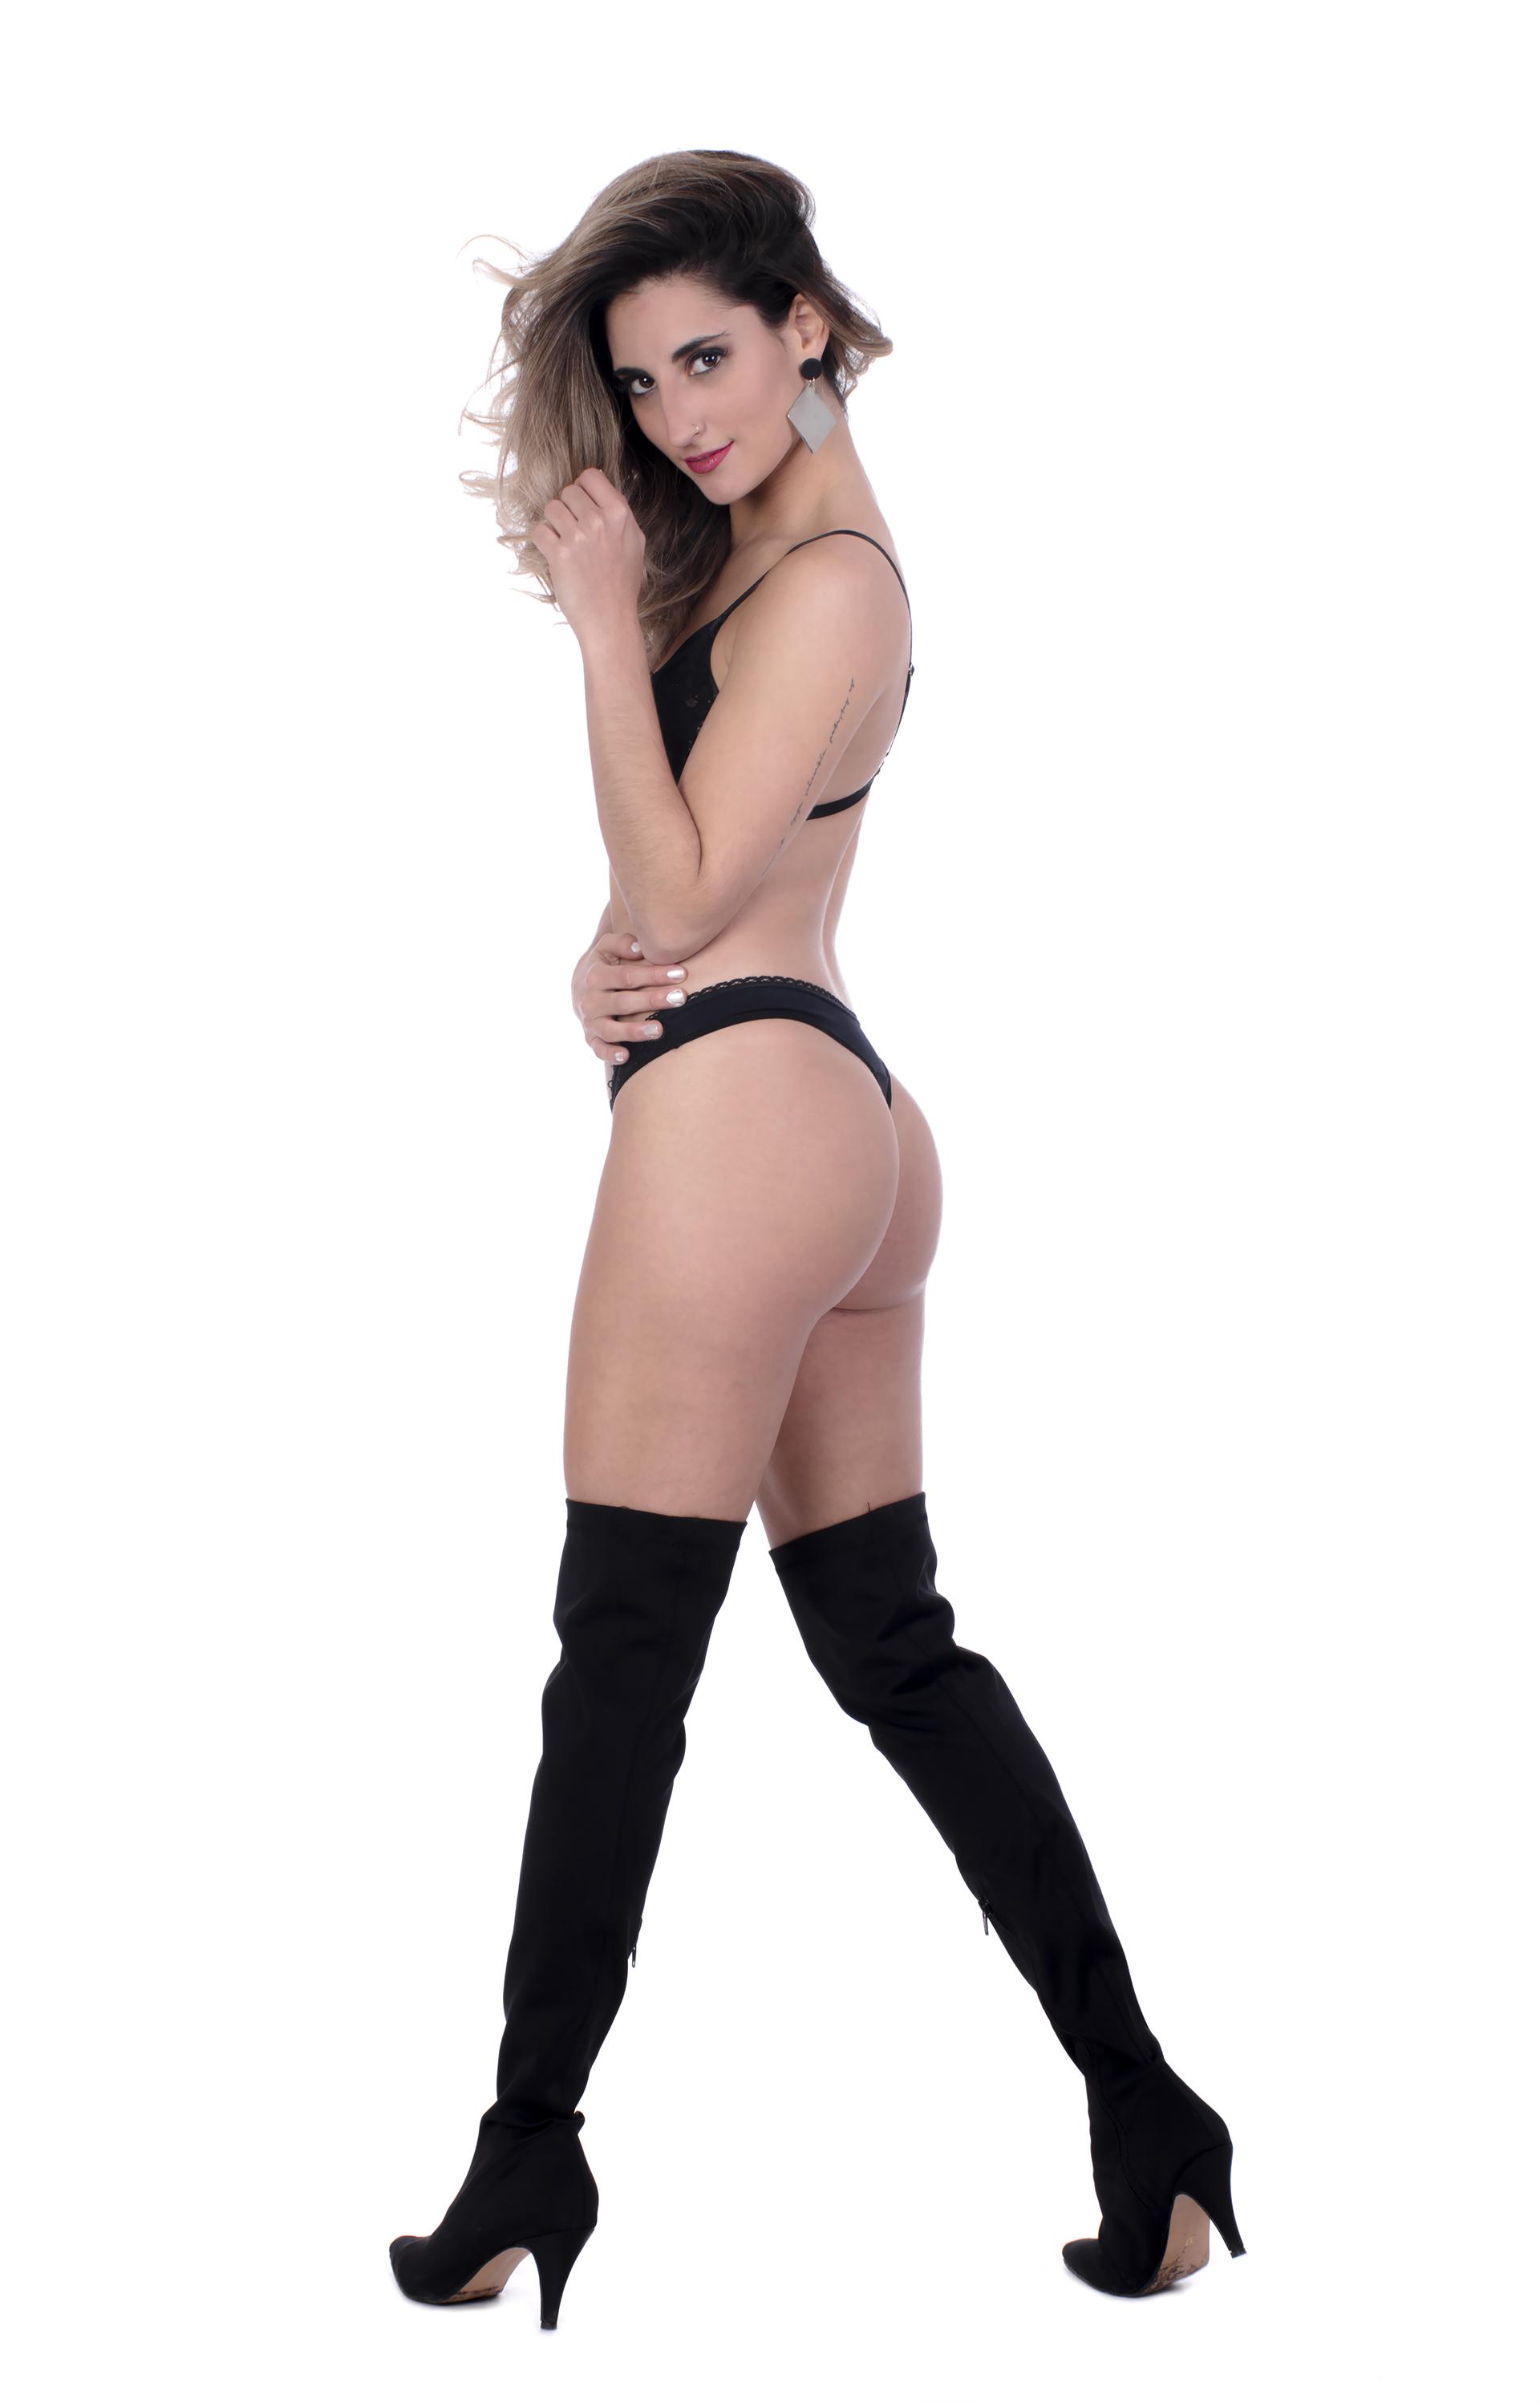 La bella Camila asegura que tiene una excelente relación con sus compañeras, pero no se llevó una buena imagen de Mica Viciconte, quien ya no participa más del ciclo de El Nueve